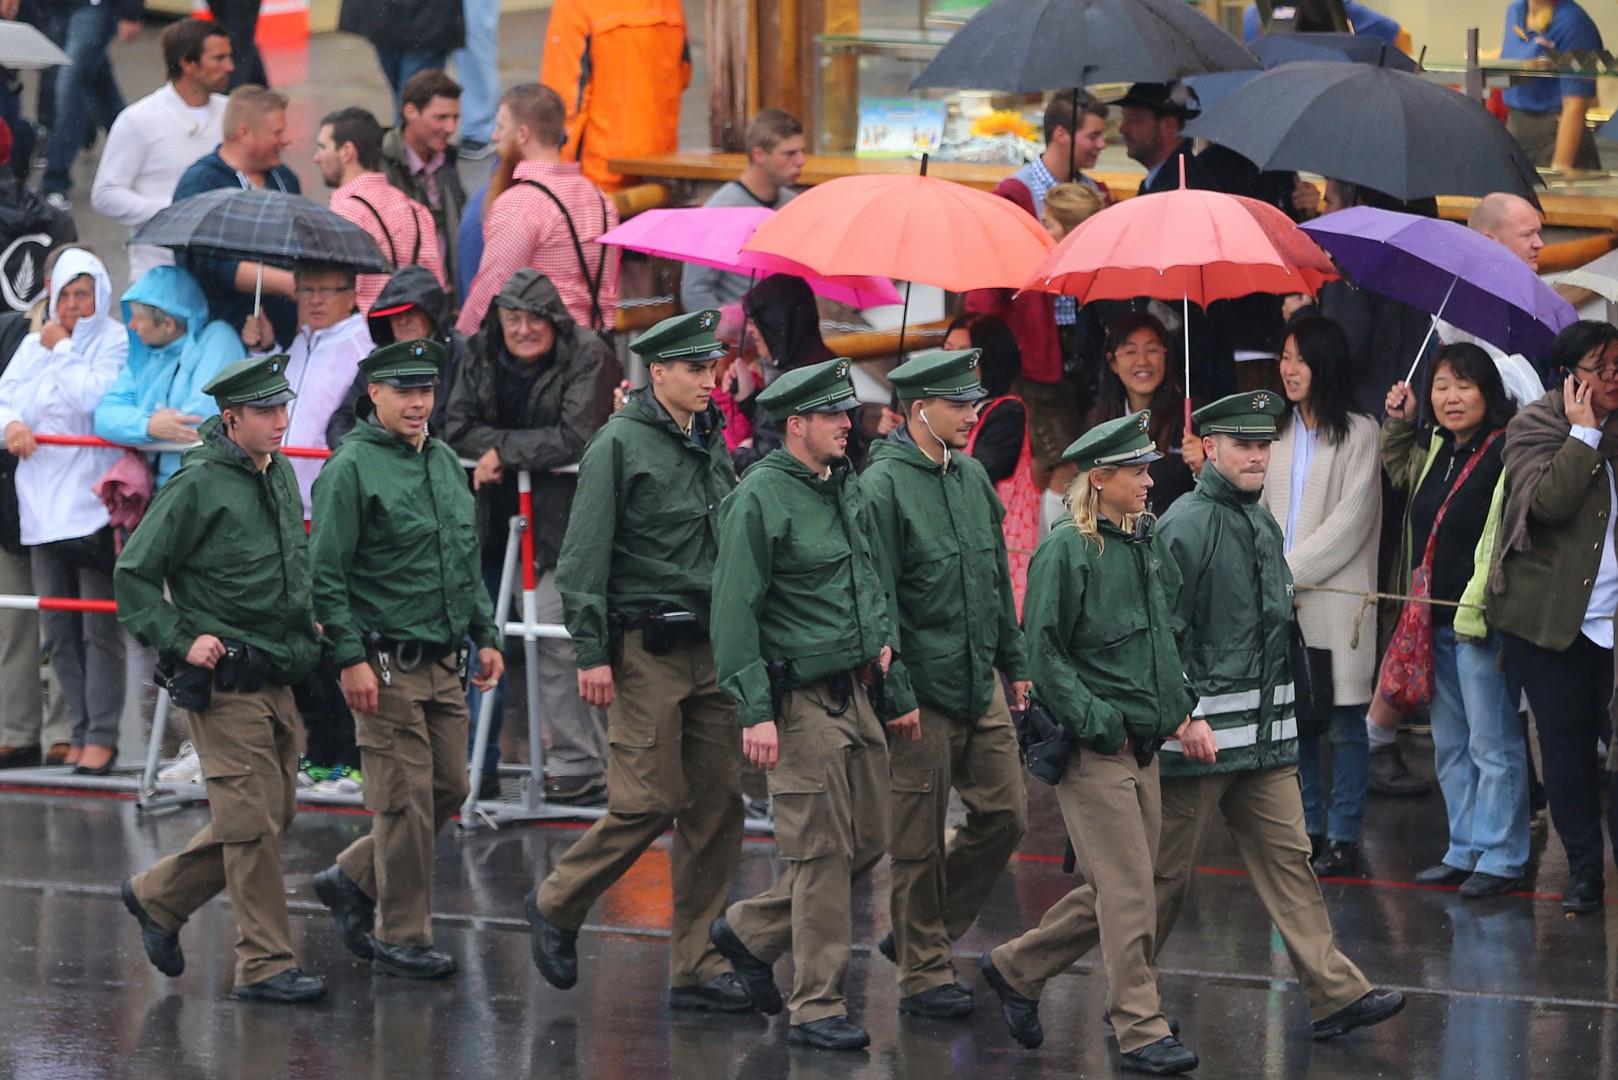 ZA OBJAVO Začetek letošnjega Oktoberfesta v znamenju poostrenih varnostnih ukrepov 1